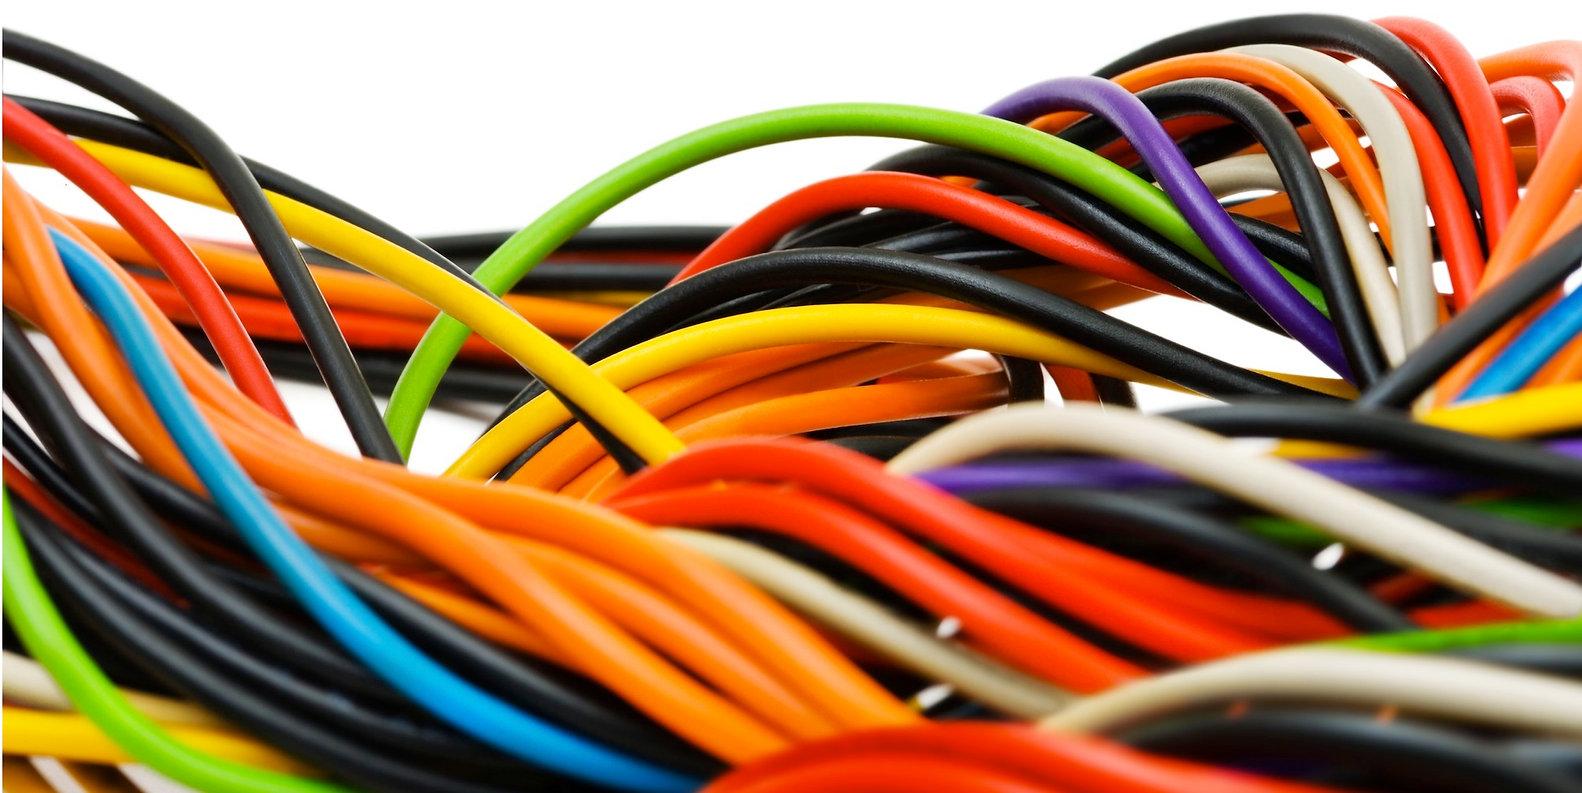 Силовые кабеля, витая пара, чем различаються кабеля, как расшифровать наименование кабеля, какие провода бывают, в чем различия между проводами ШВВП и ПВС, как расшифровывается NYM